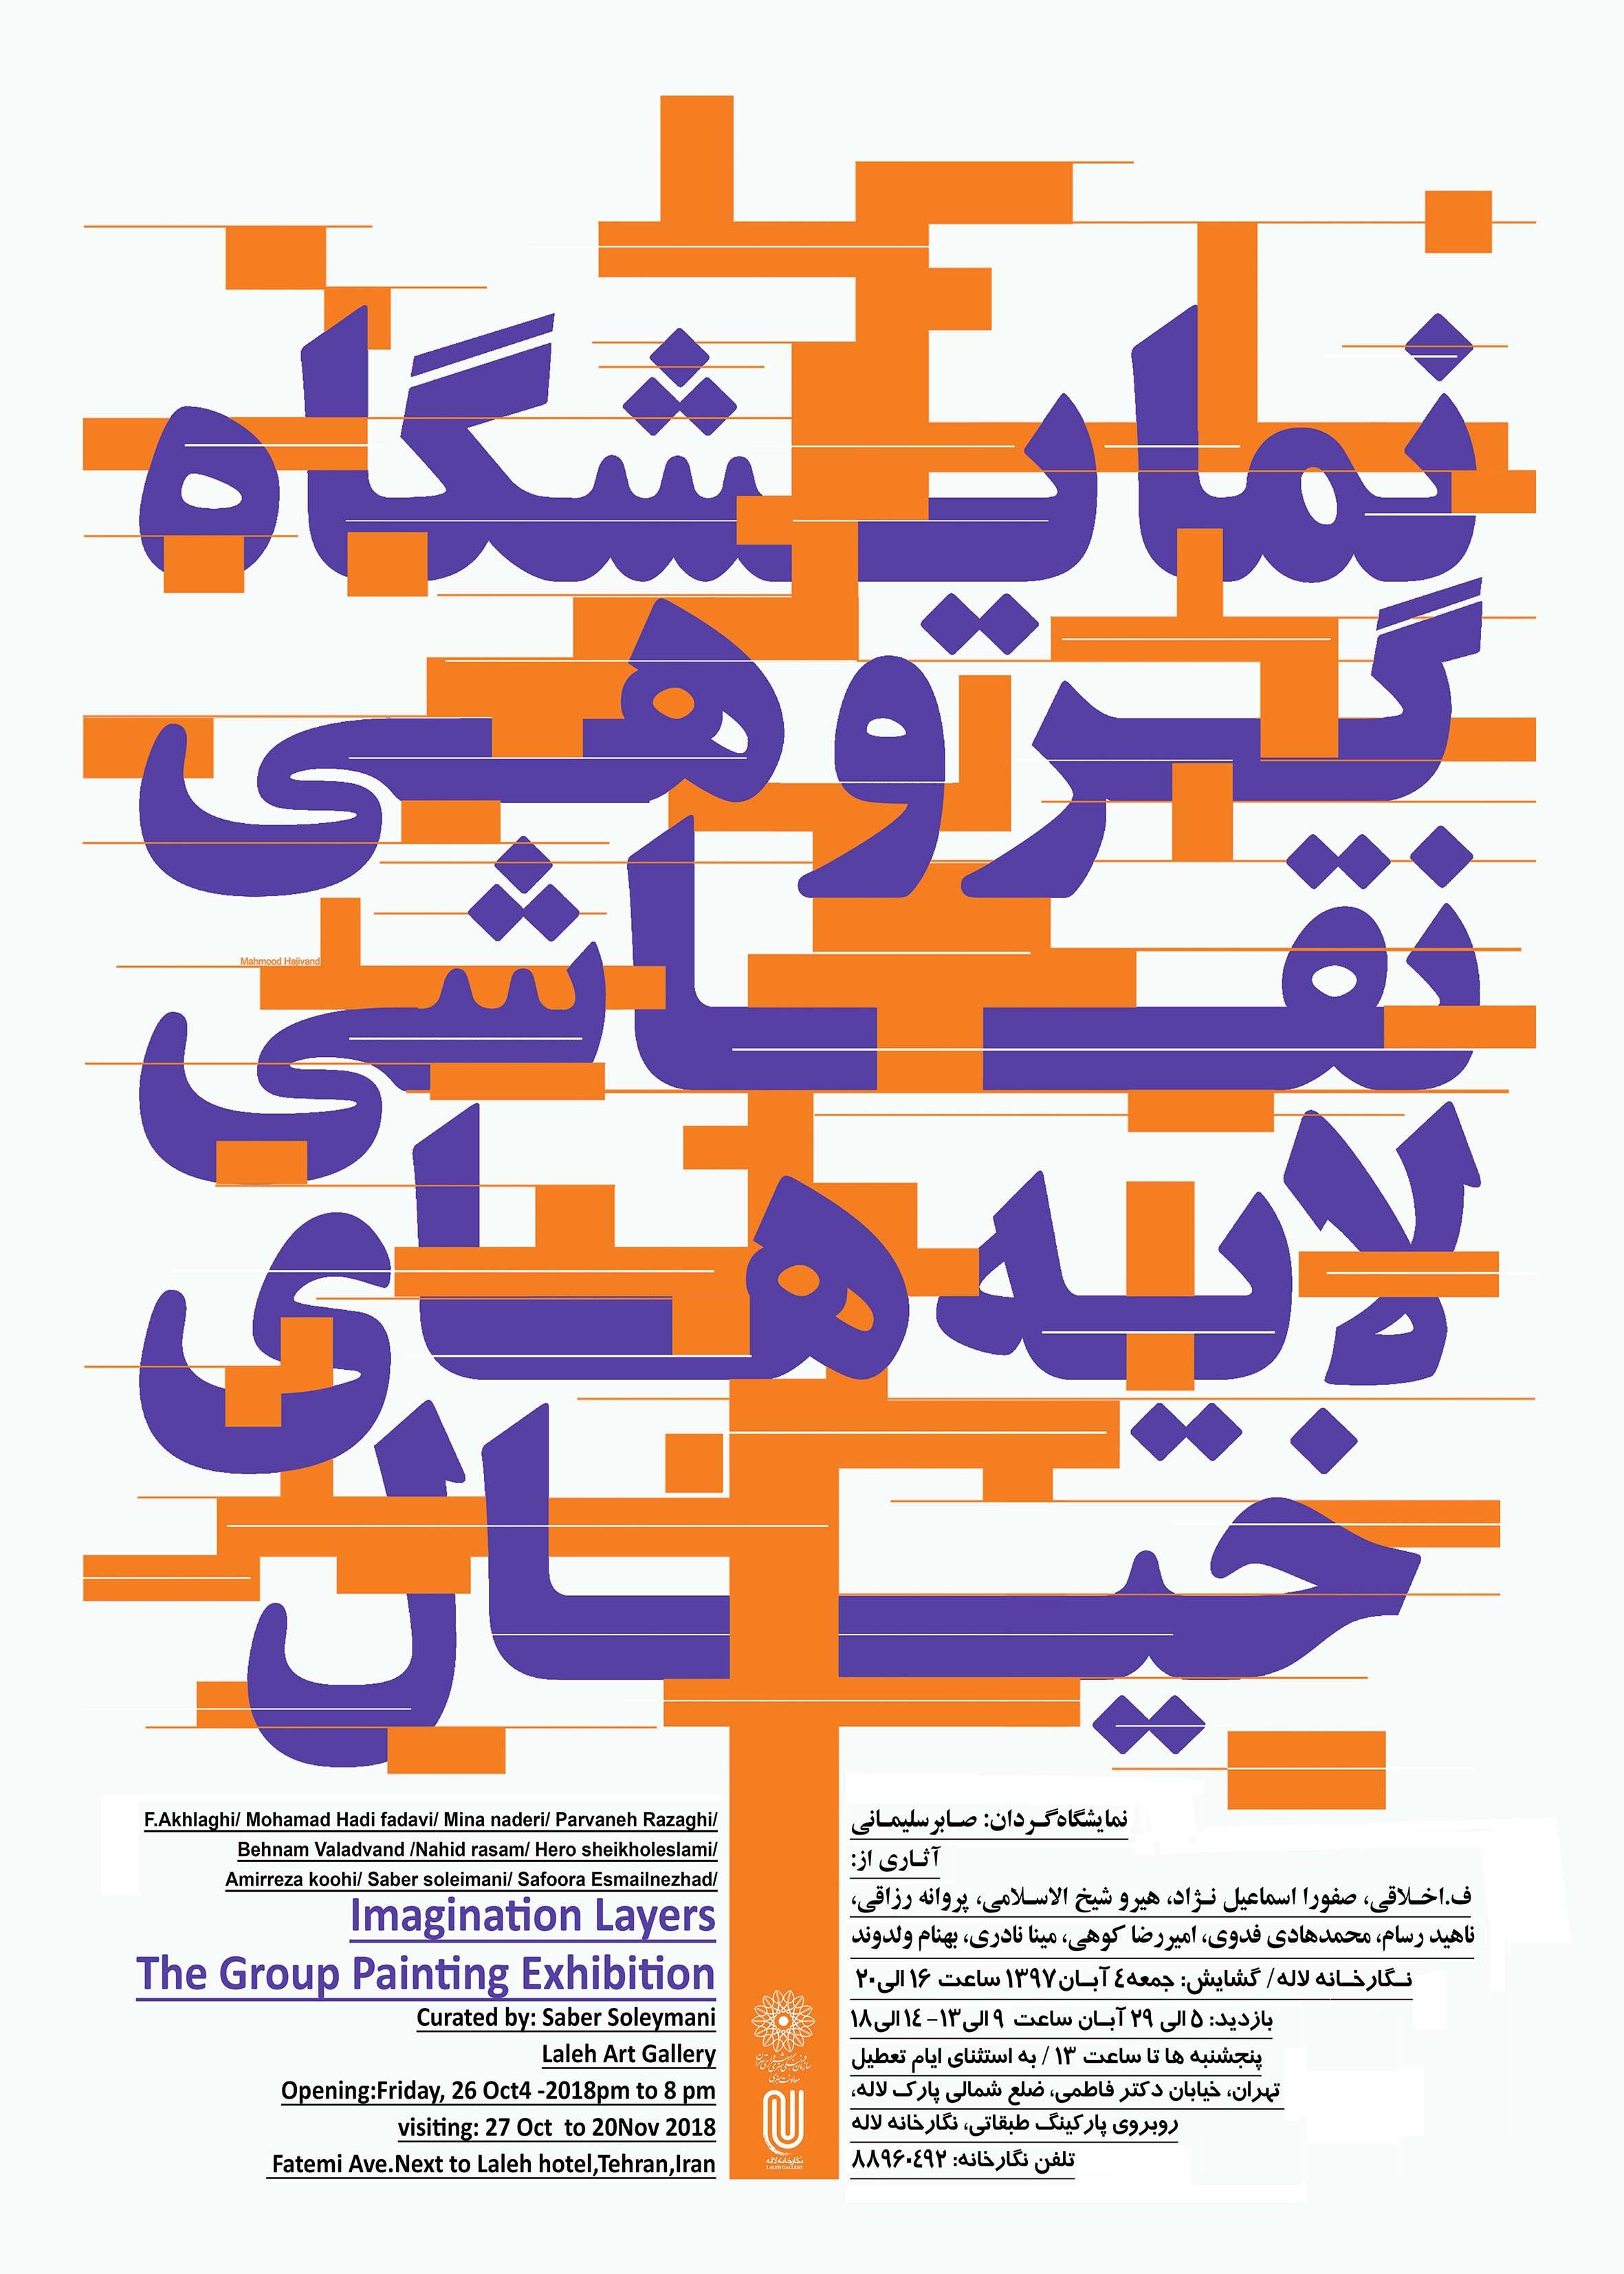 لایه های خیال؛ نمایشگاه گروهی نقاشی در نگارخانه لاله